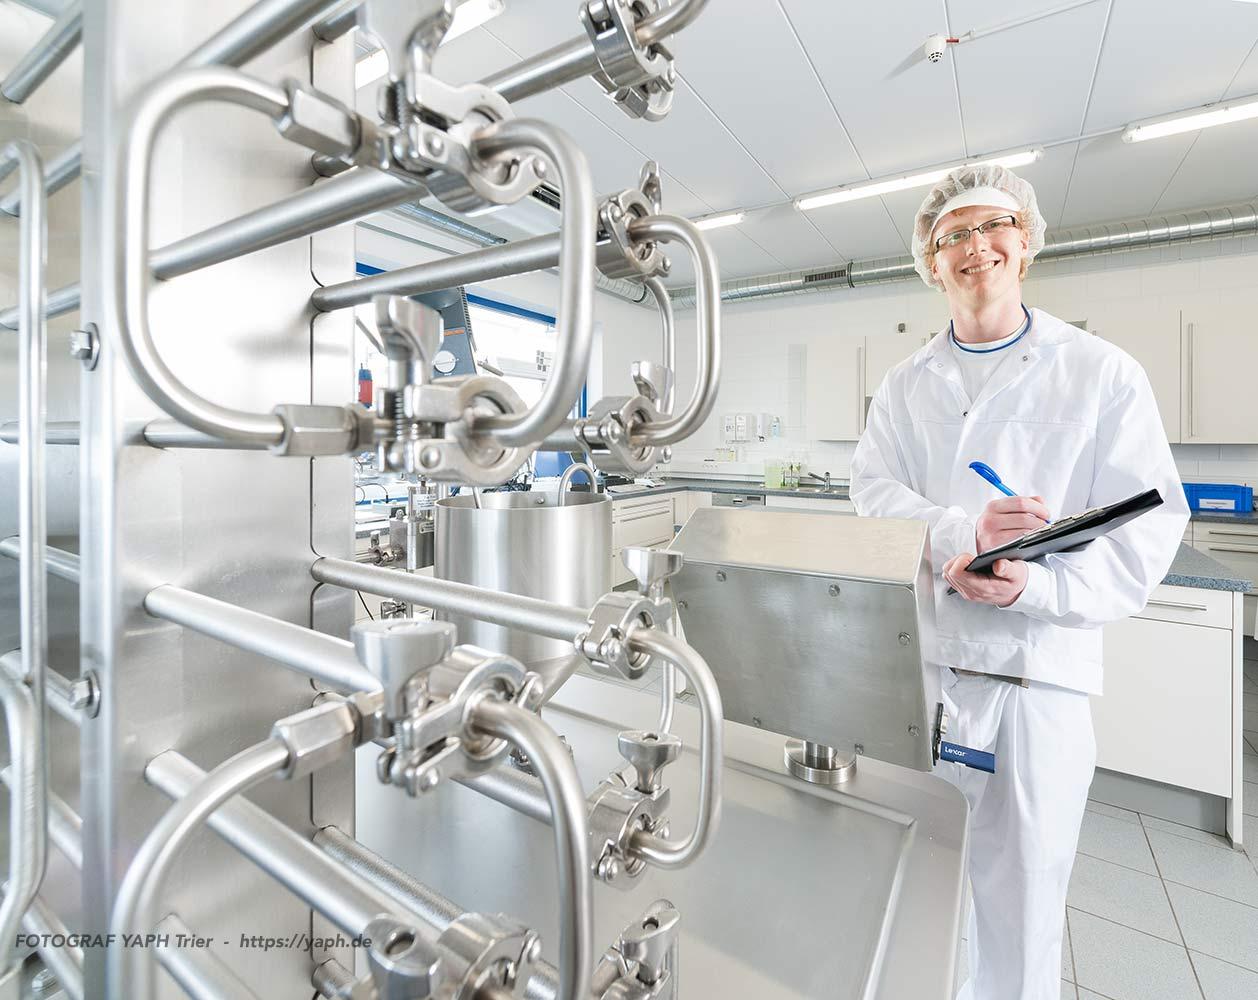 Laborantin Milchverarbeitung -Werbefotograf Trier Yaph